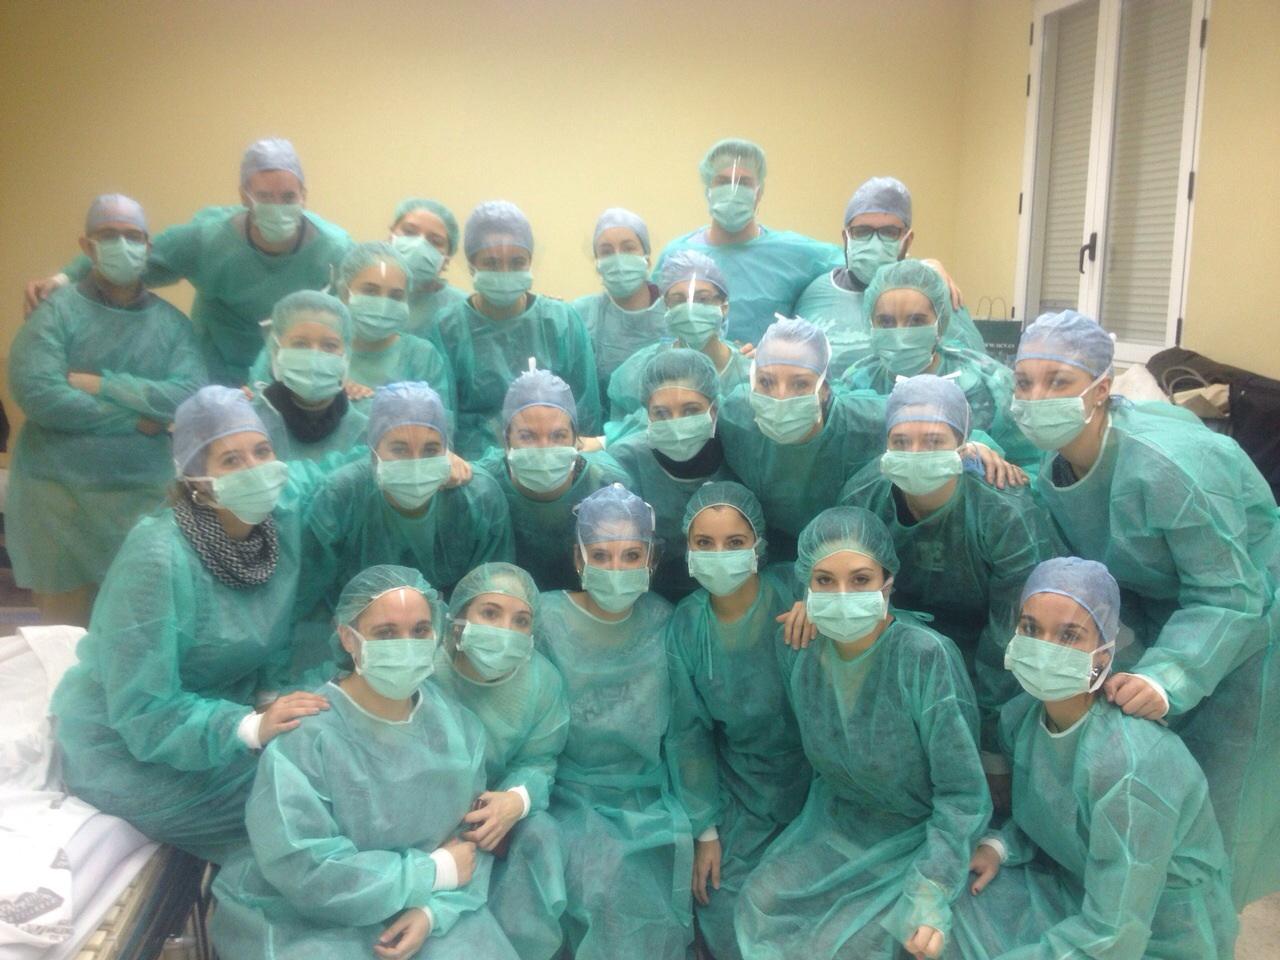 Los alumnos de enfermeria de la Universidad Católica de Valencia aprenden con los talleres prácticos en los cuidados del adulto